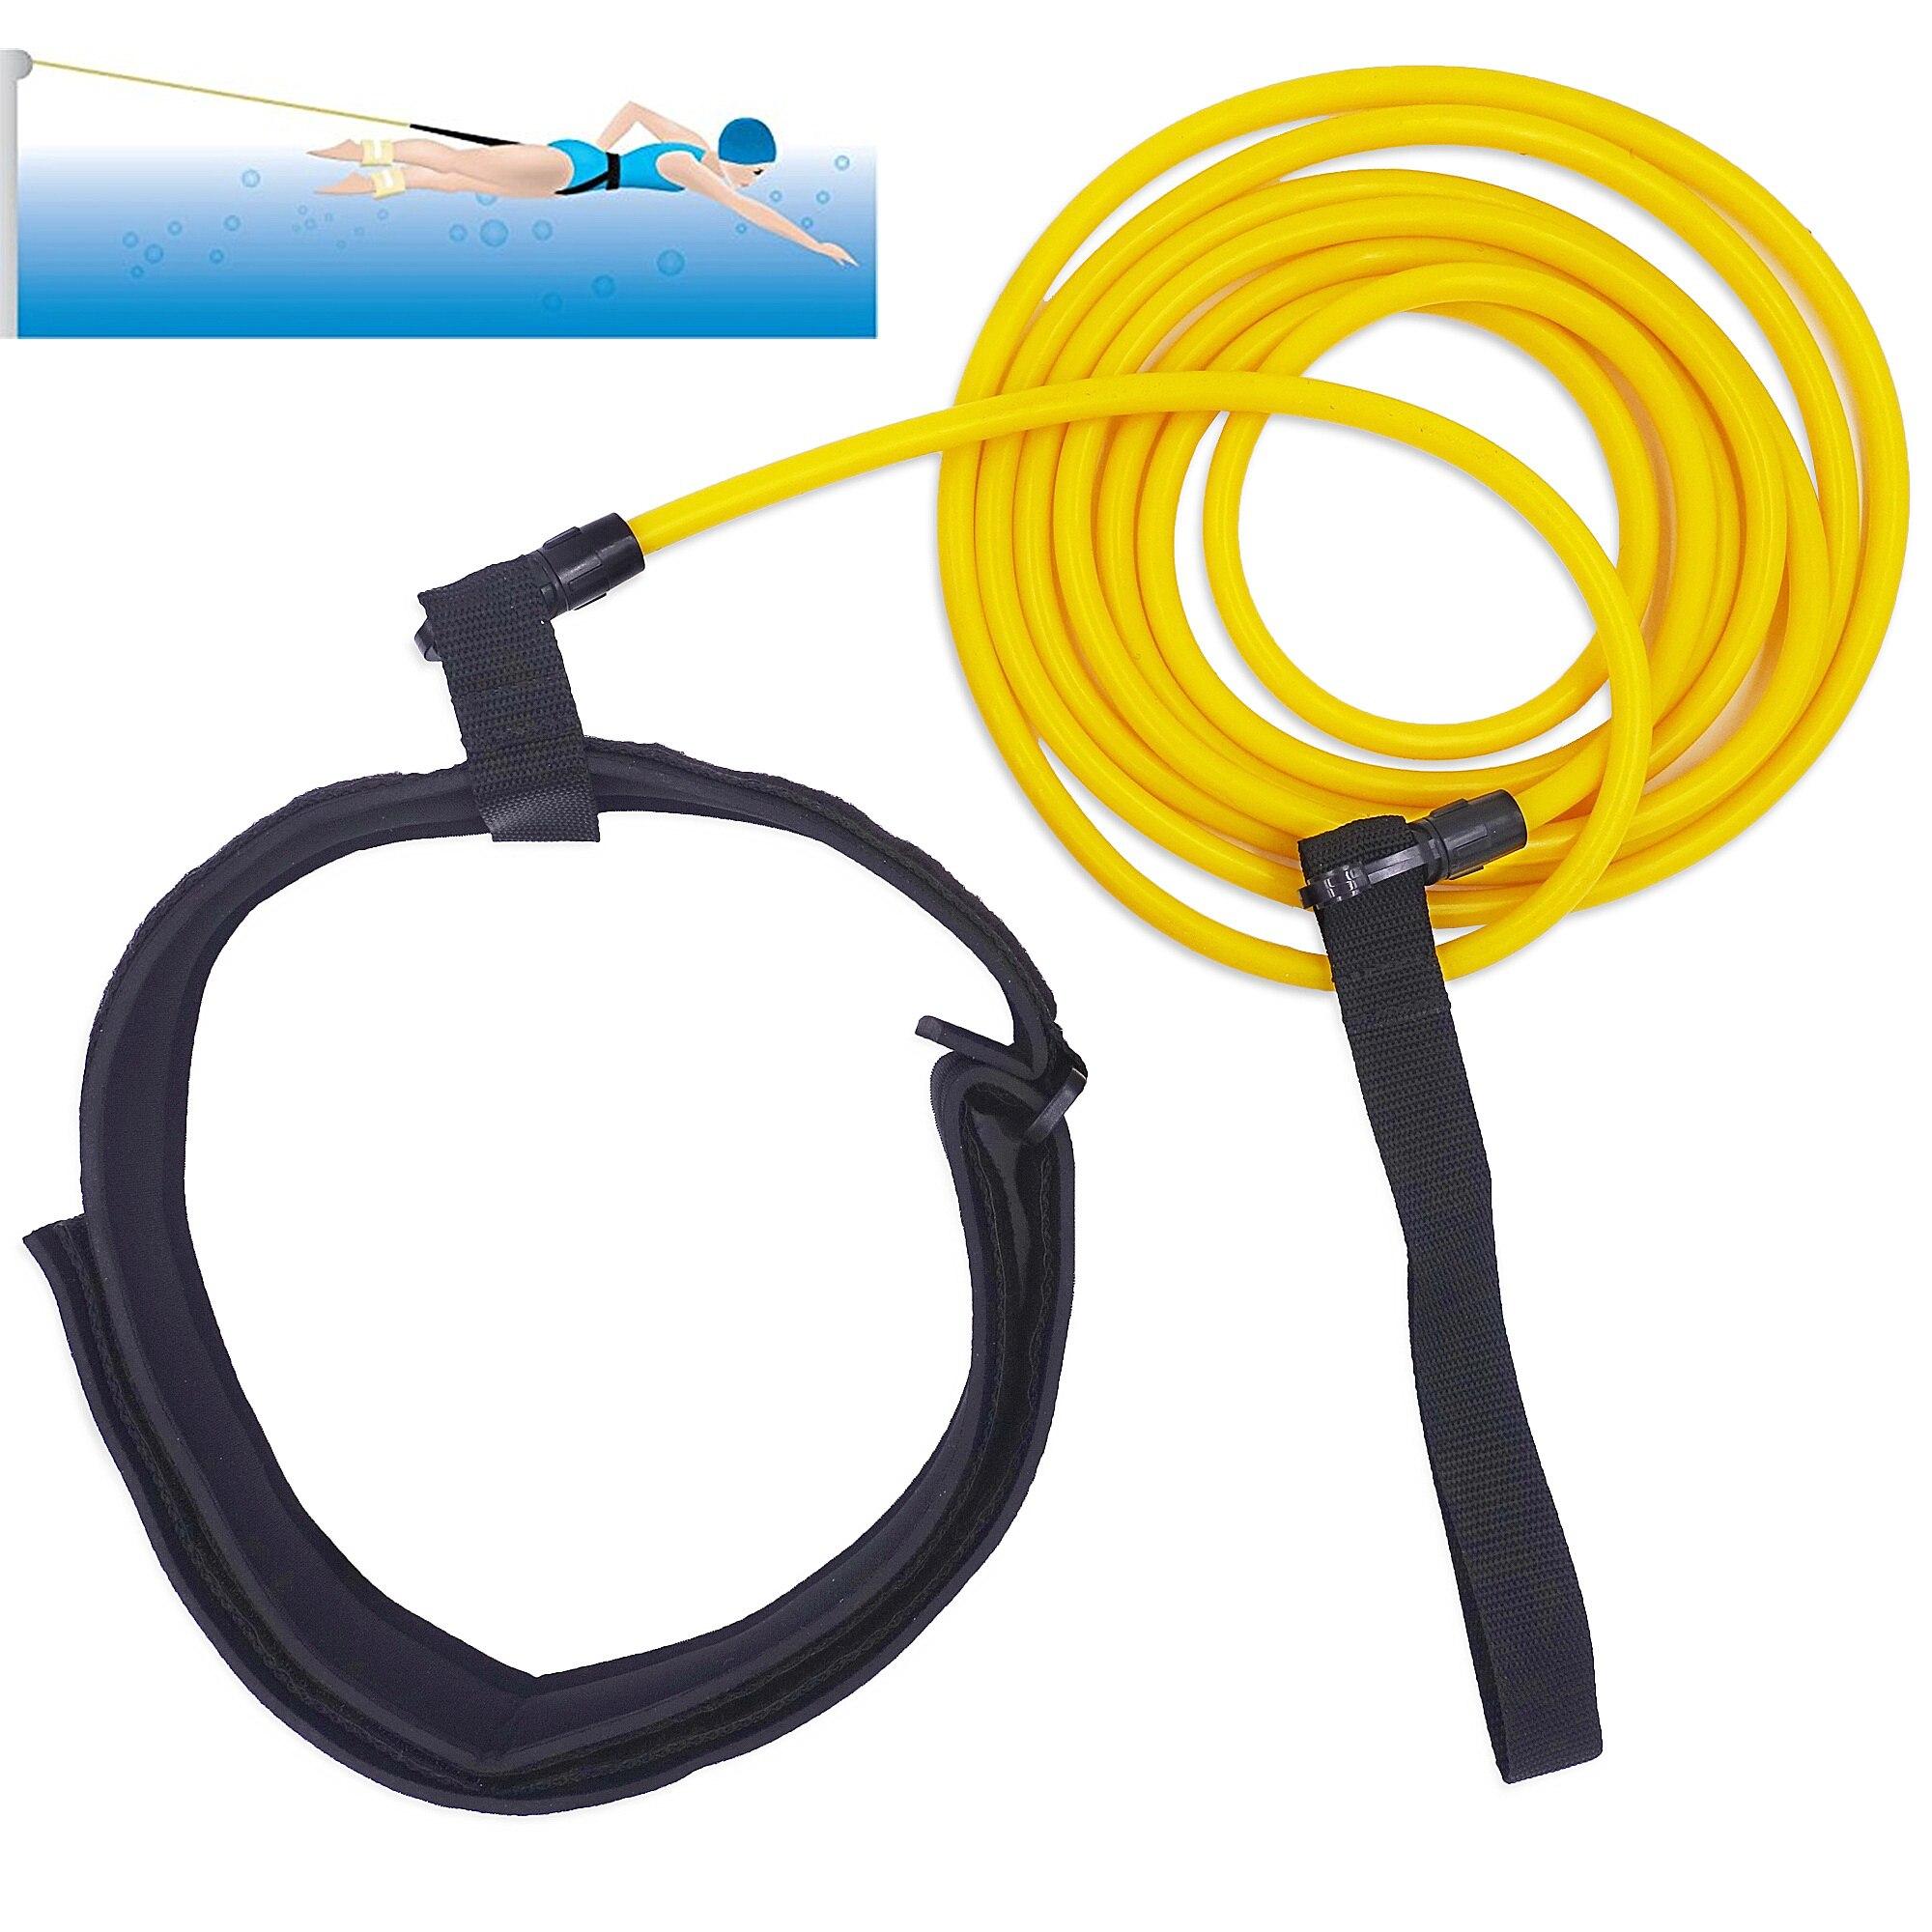 Эластичный ремешок для плавания с регулируемым неопреновым ремнем, 4 м